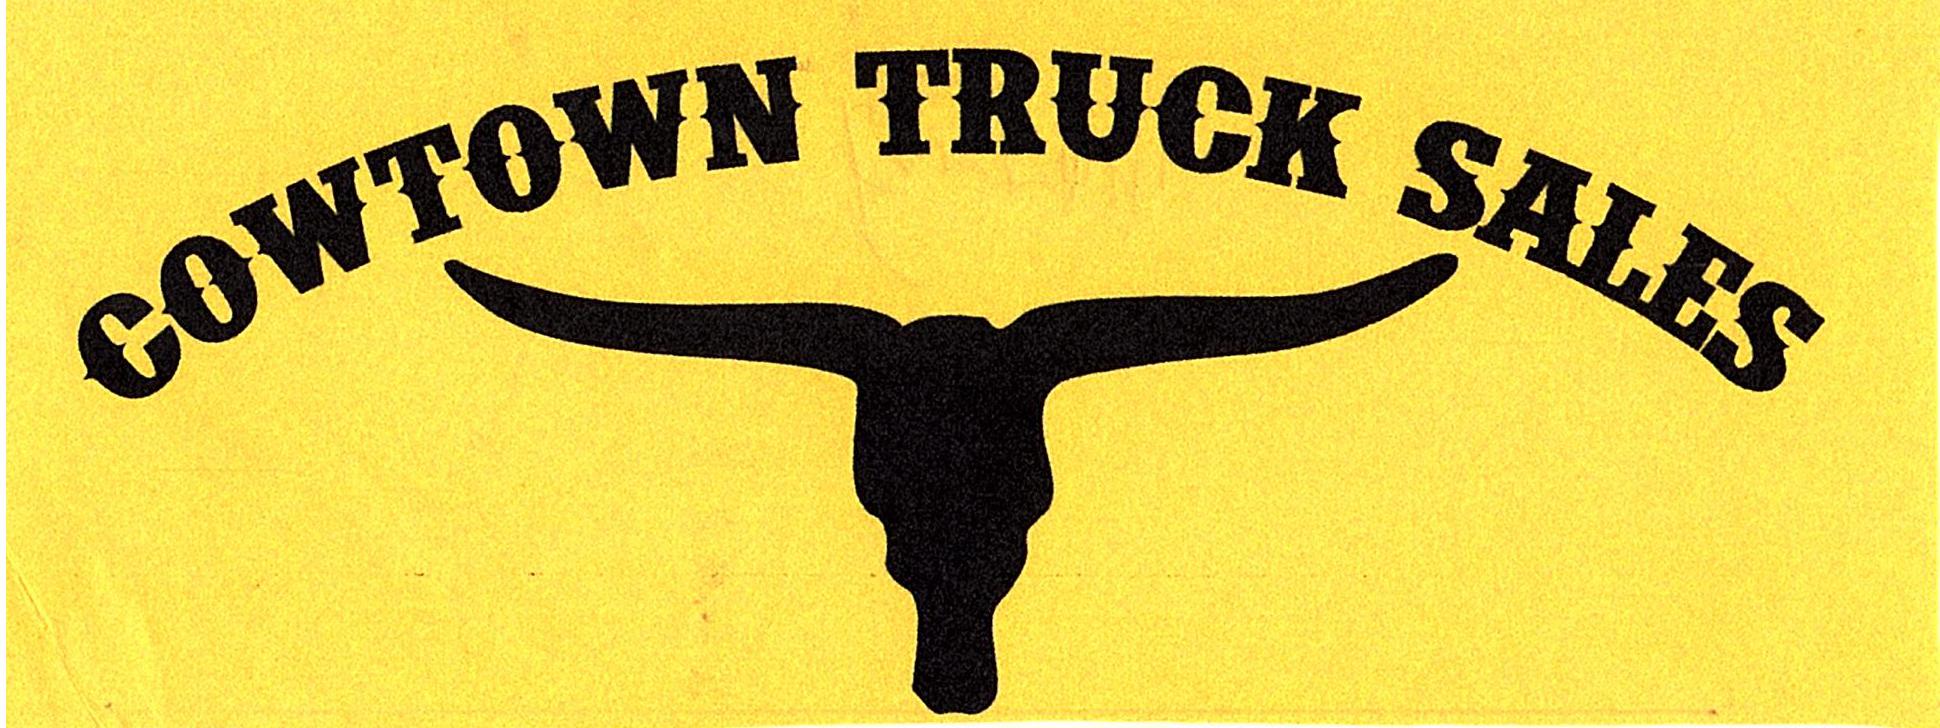 Cowtown Truck